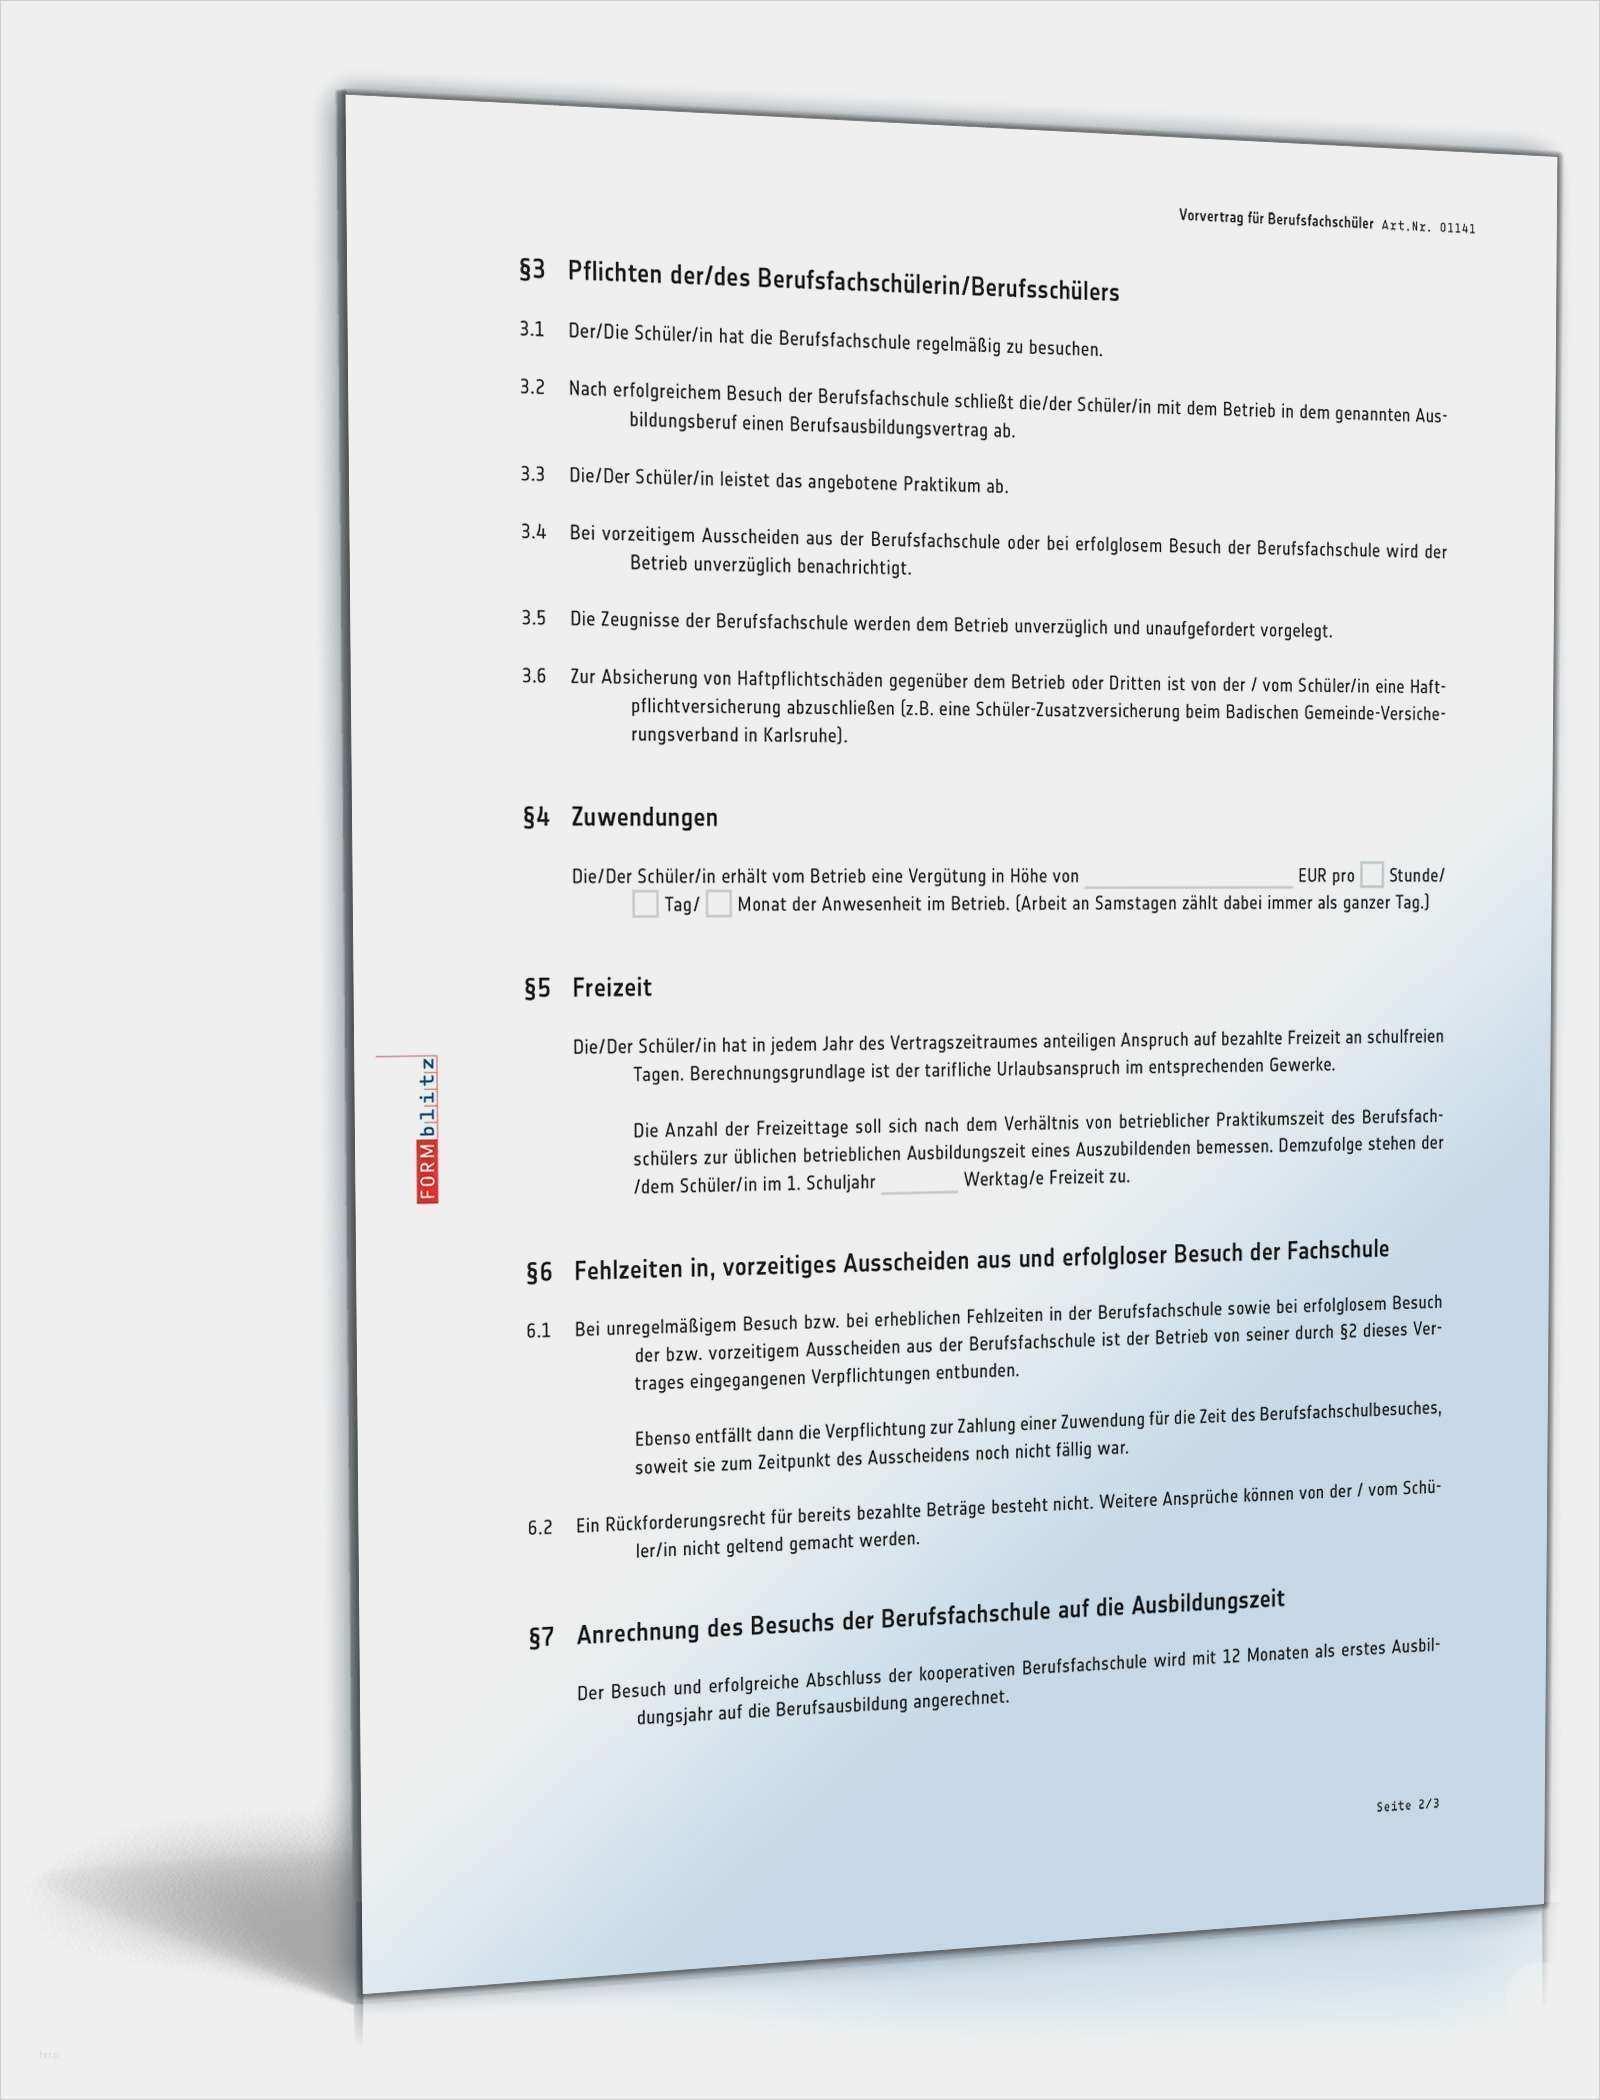 28 Gut Kommissionsvertrag Kfz Vorlage Muster Modelle In 2020 Geschenkgutschein Vorlage Vorlagen Indesign Vorlage